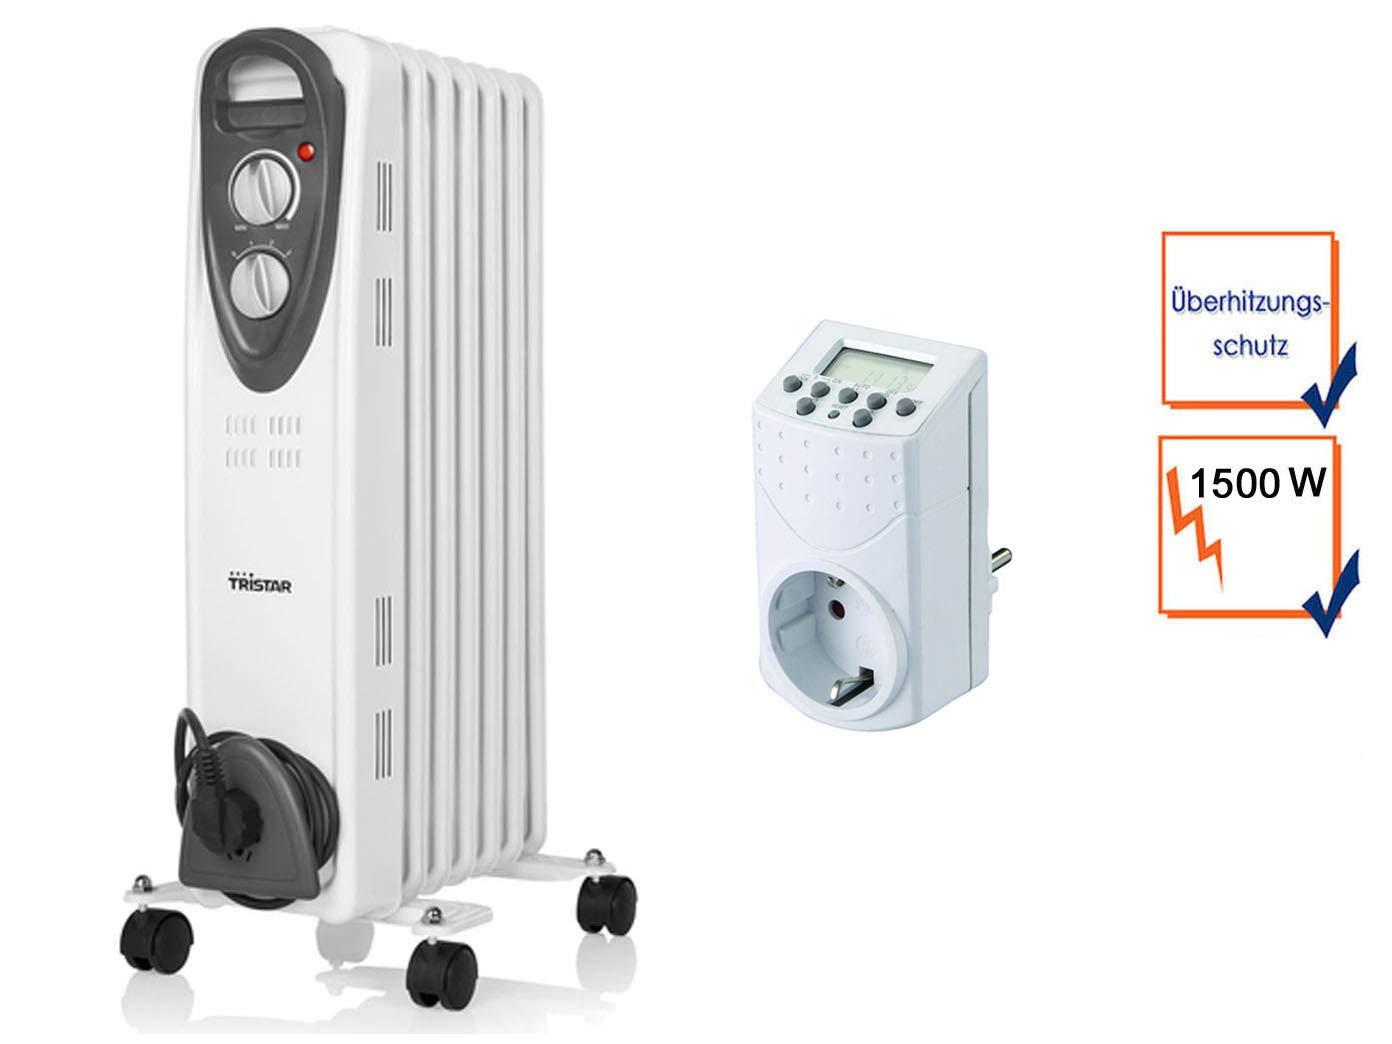 1500 W Tristar eléctrico Radiador con ruedas, regelbarem Termostato y temporizador, radiador: Amazon.es: Bricolaje y herramientas